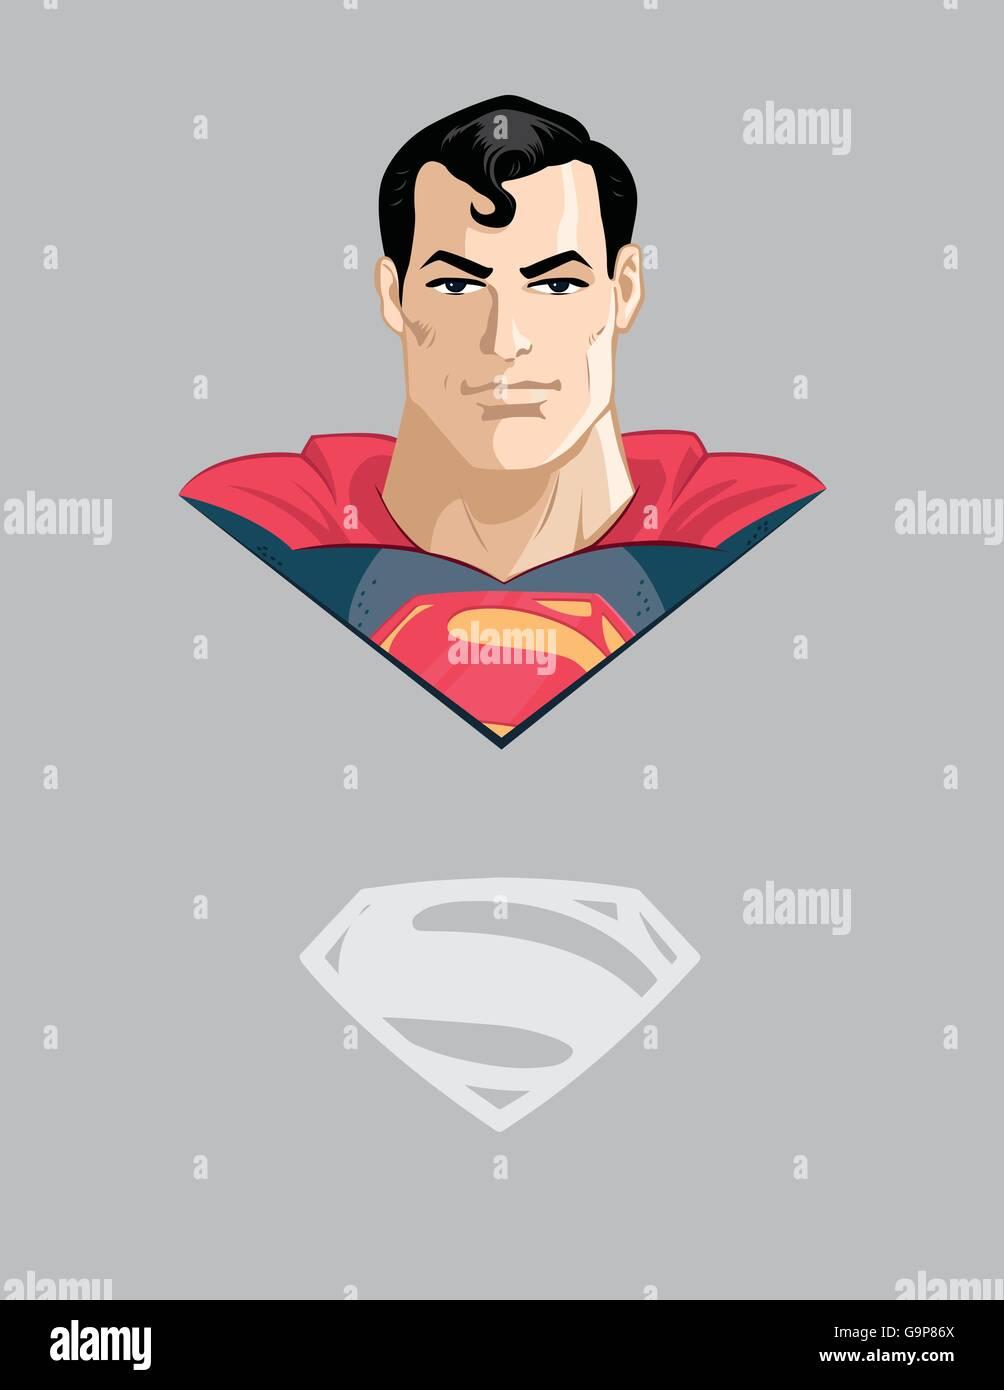 Superman uomo super carattere personaggio dei fumetti marvel